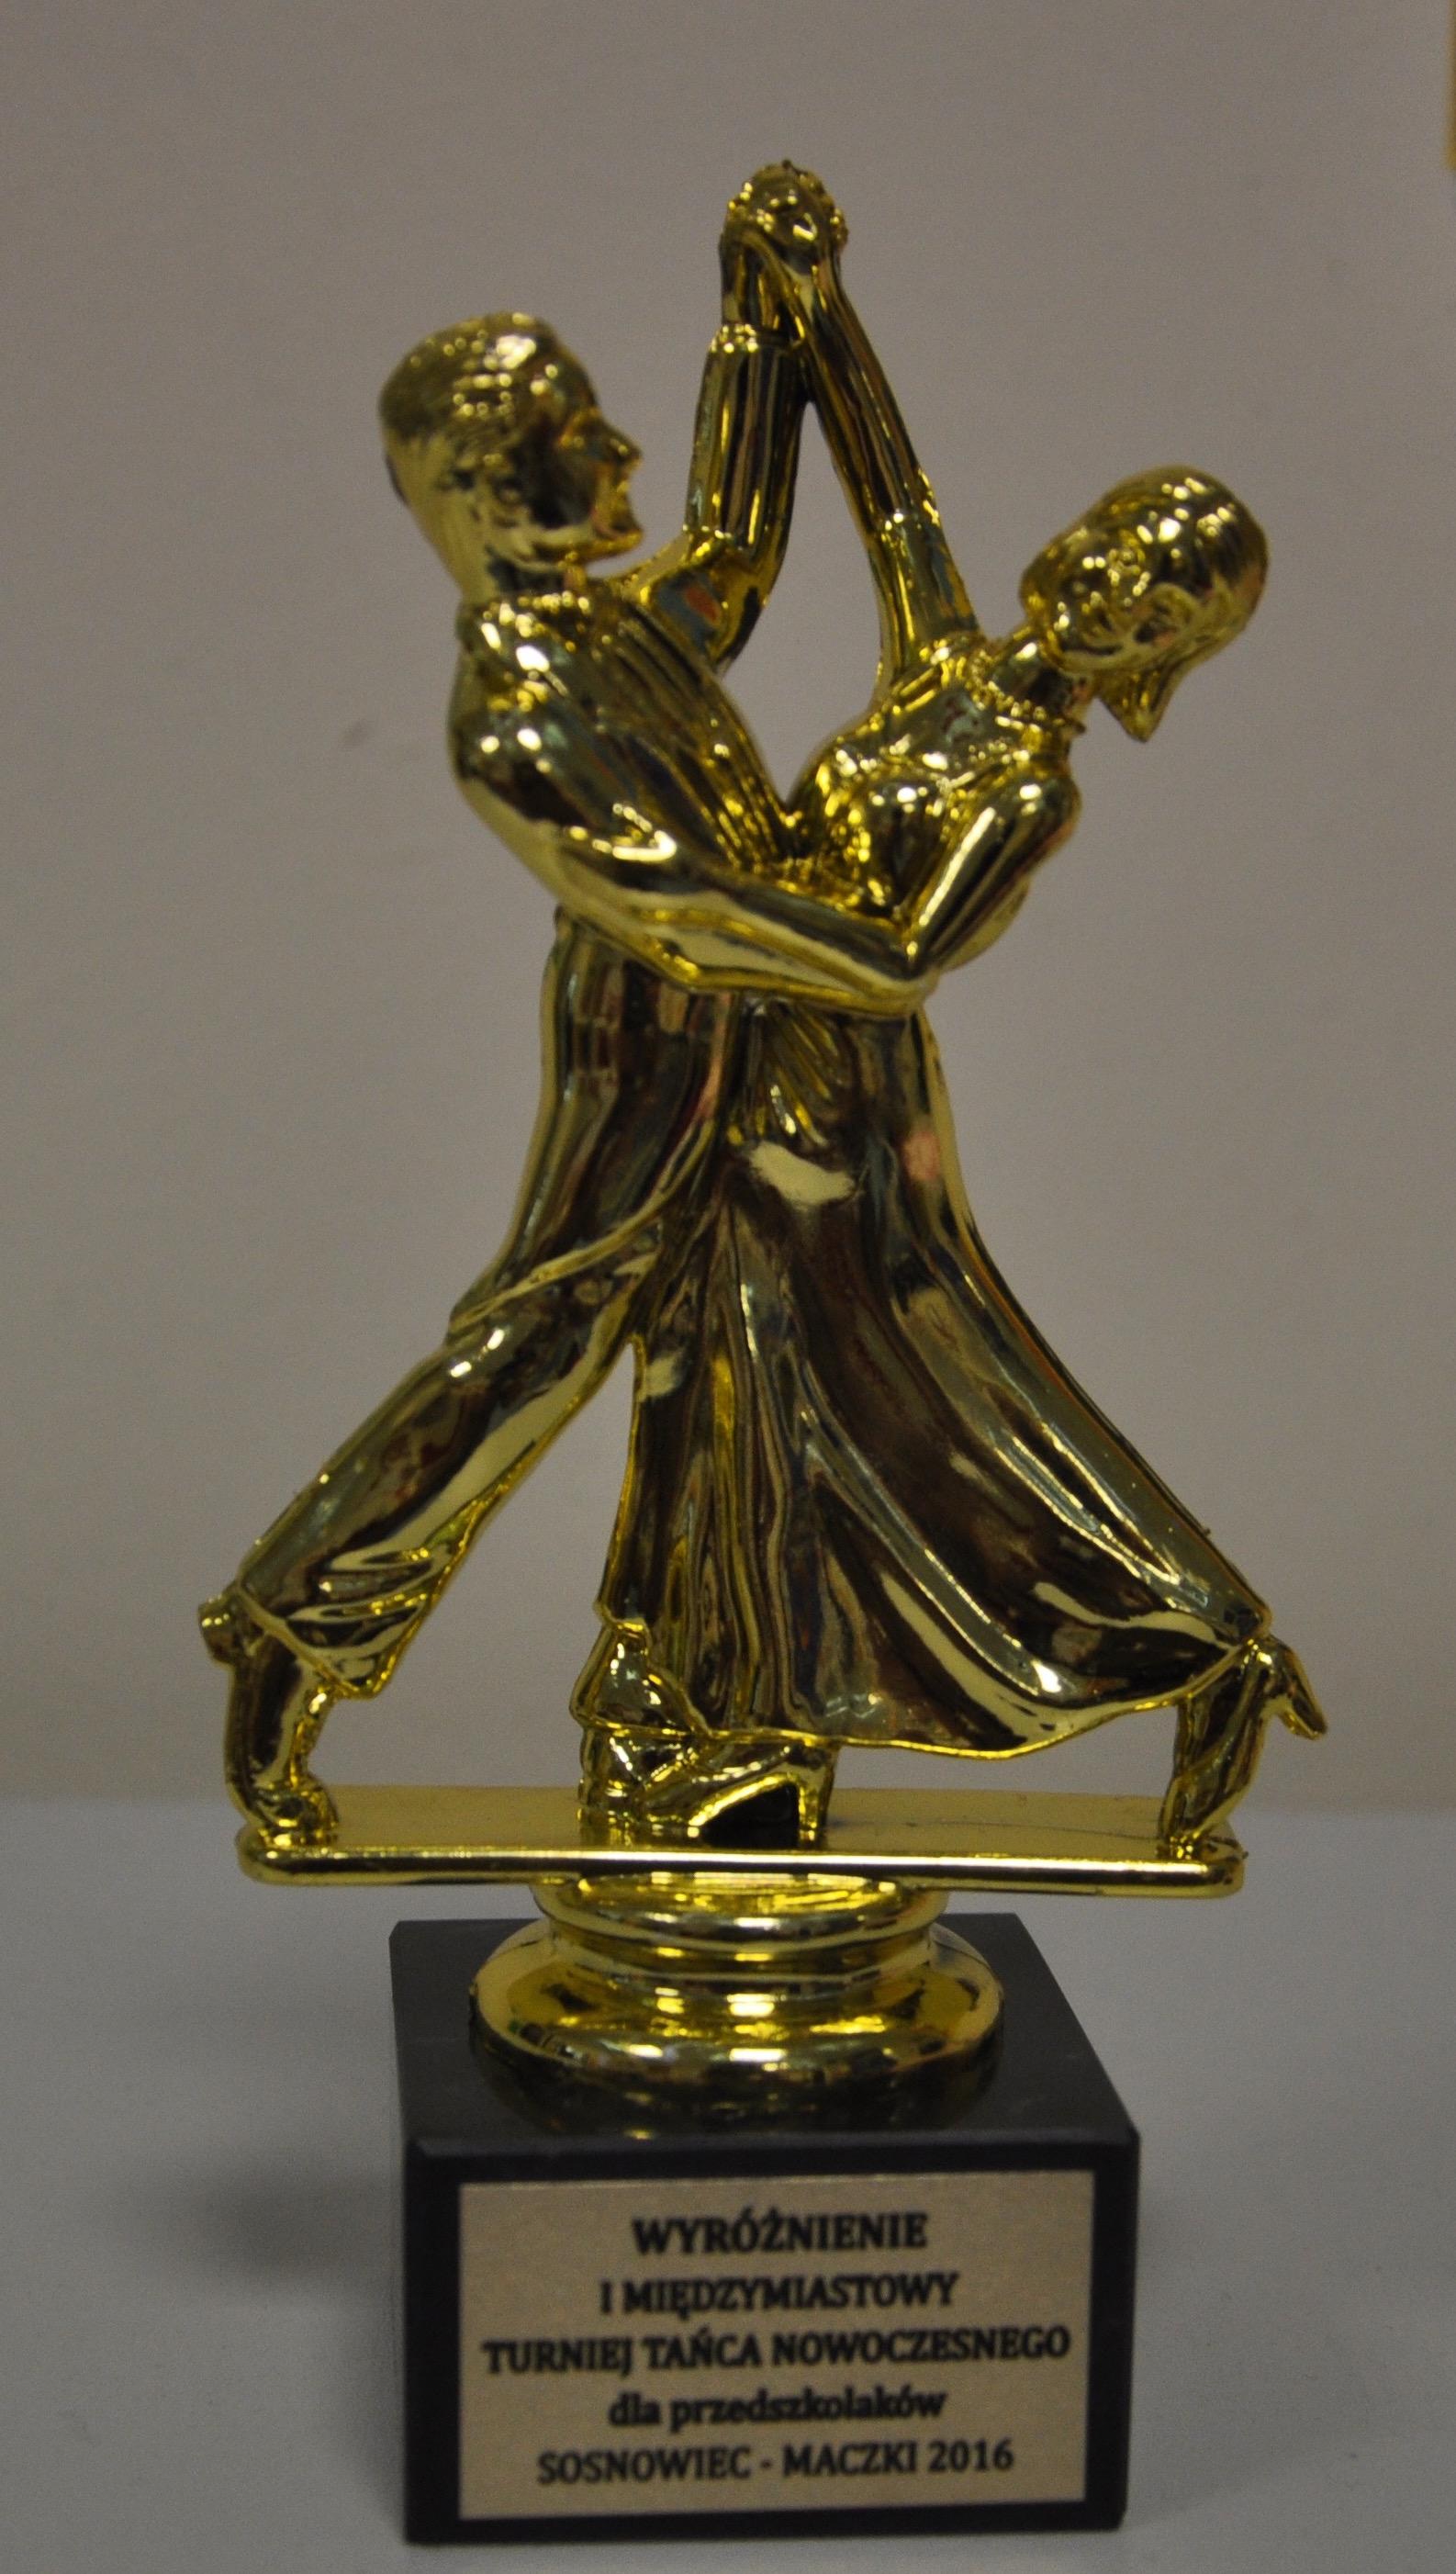 Wyróżnienie za udział w Turnieju Tańca Nowoczesnego